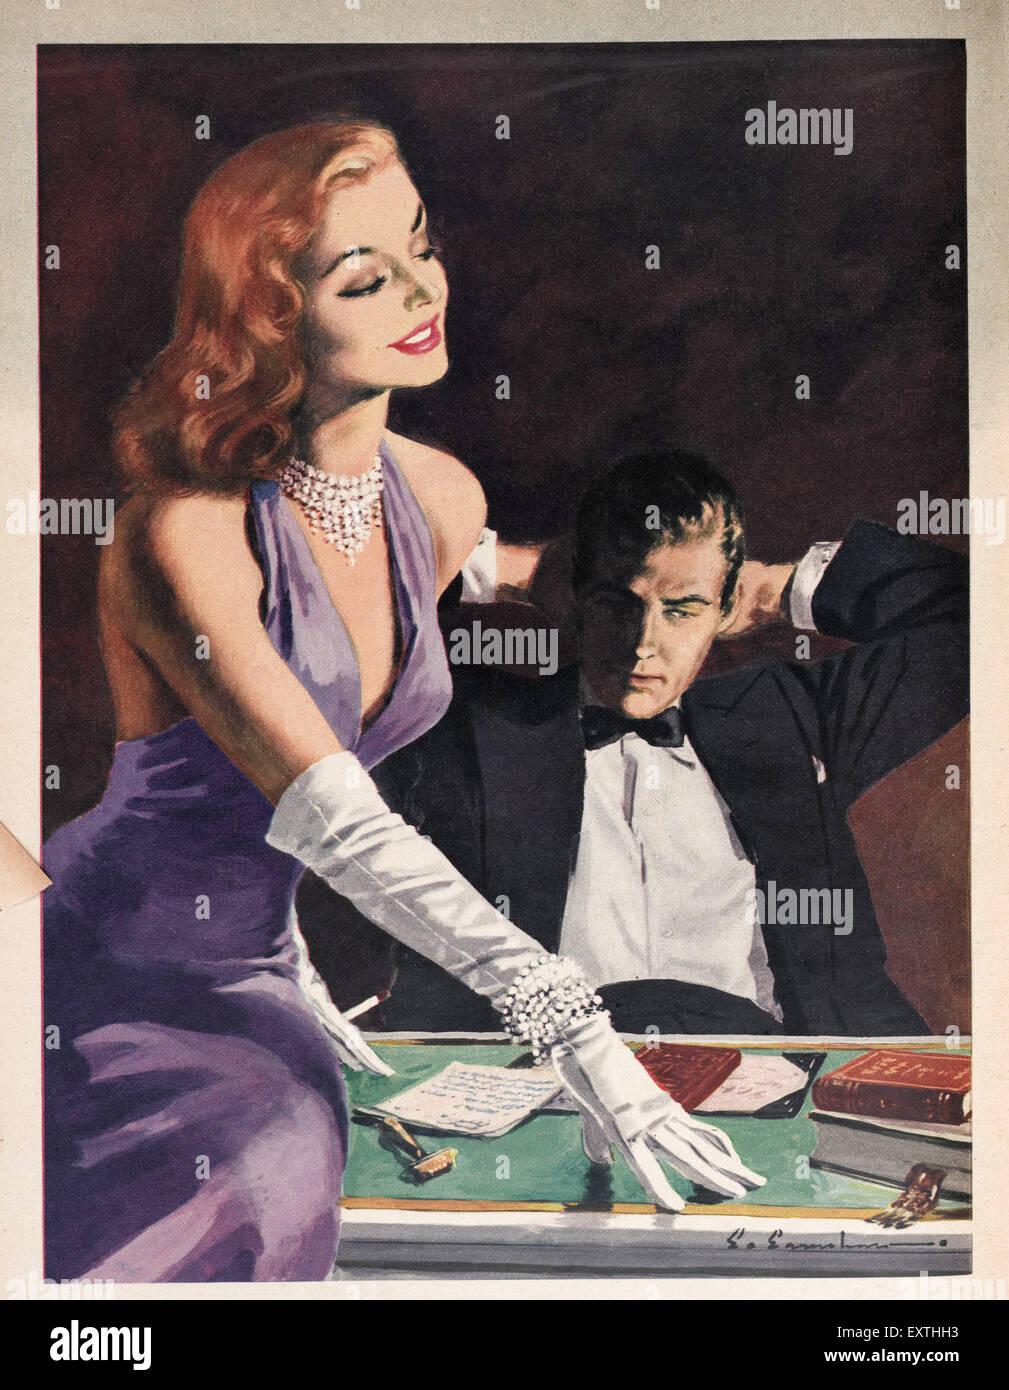 1950s UK Woman Magazine Plate - Stock Image